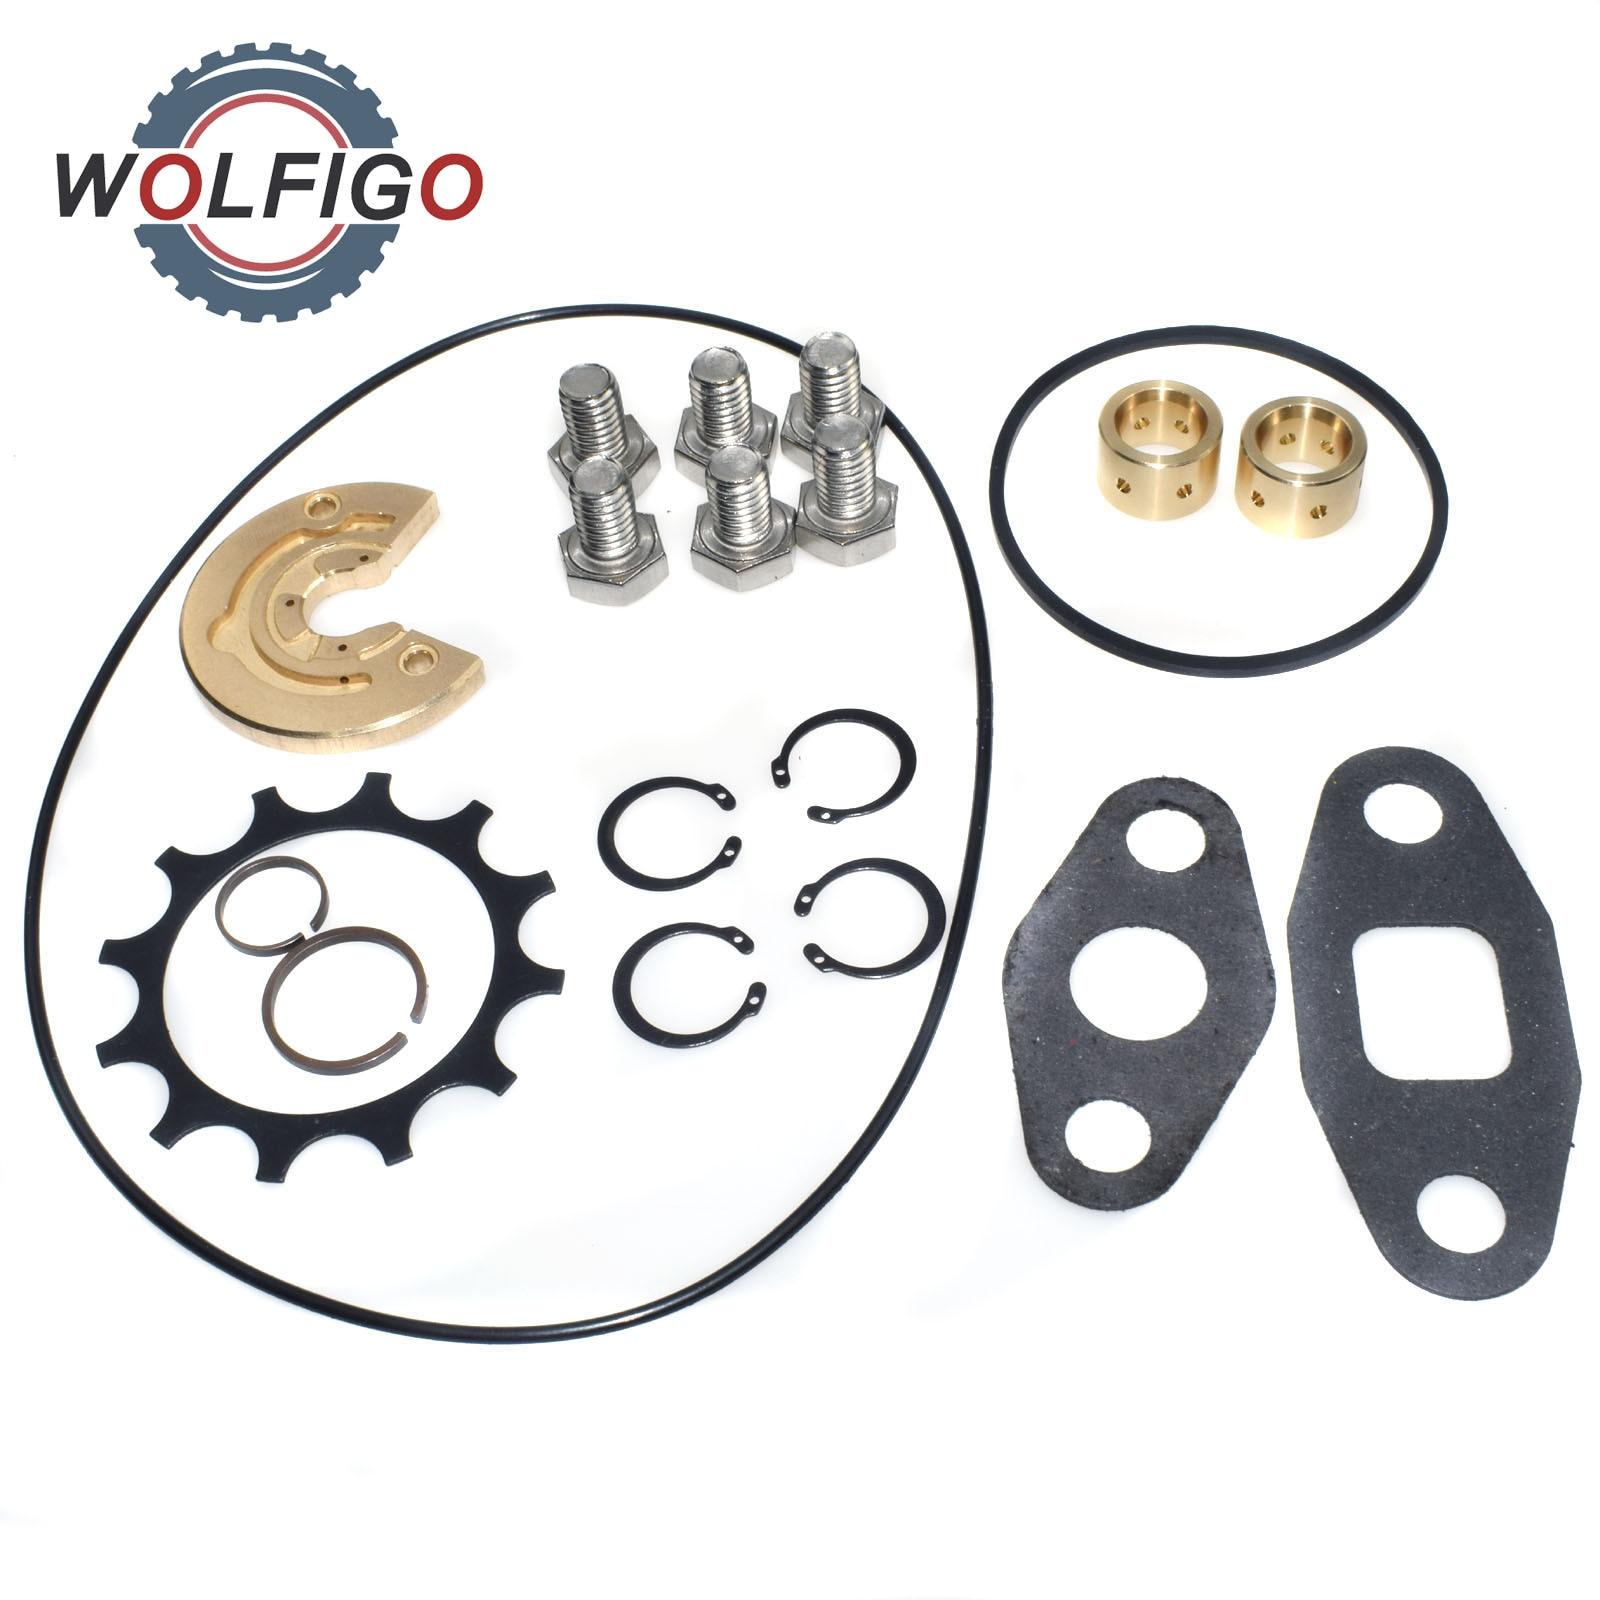 Precision T3 T4 360 Thrust Rebuild Kit: Aliexpress.com : Buy WOLFIGO T3 T4 T04B T04E Turbocharger